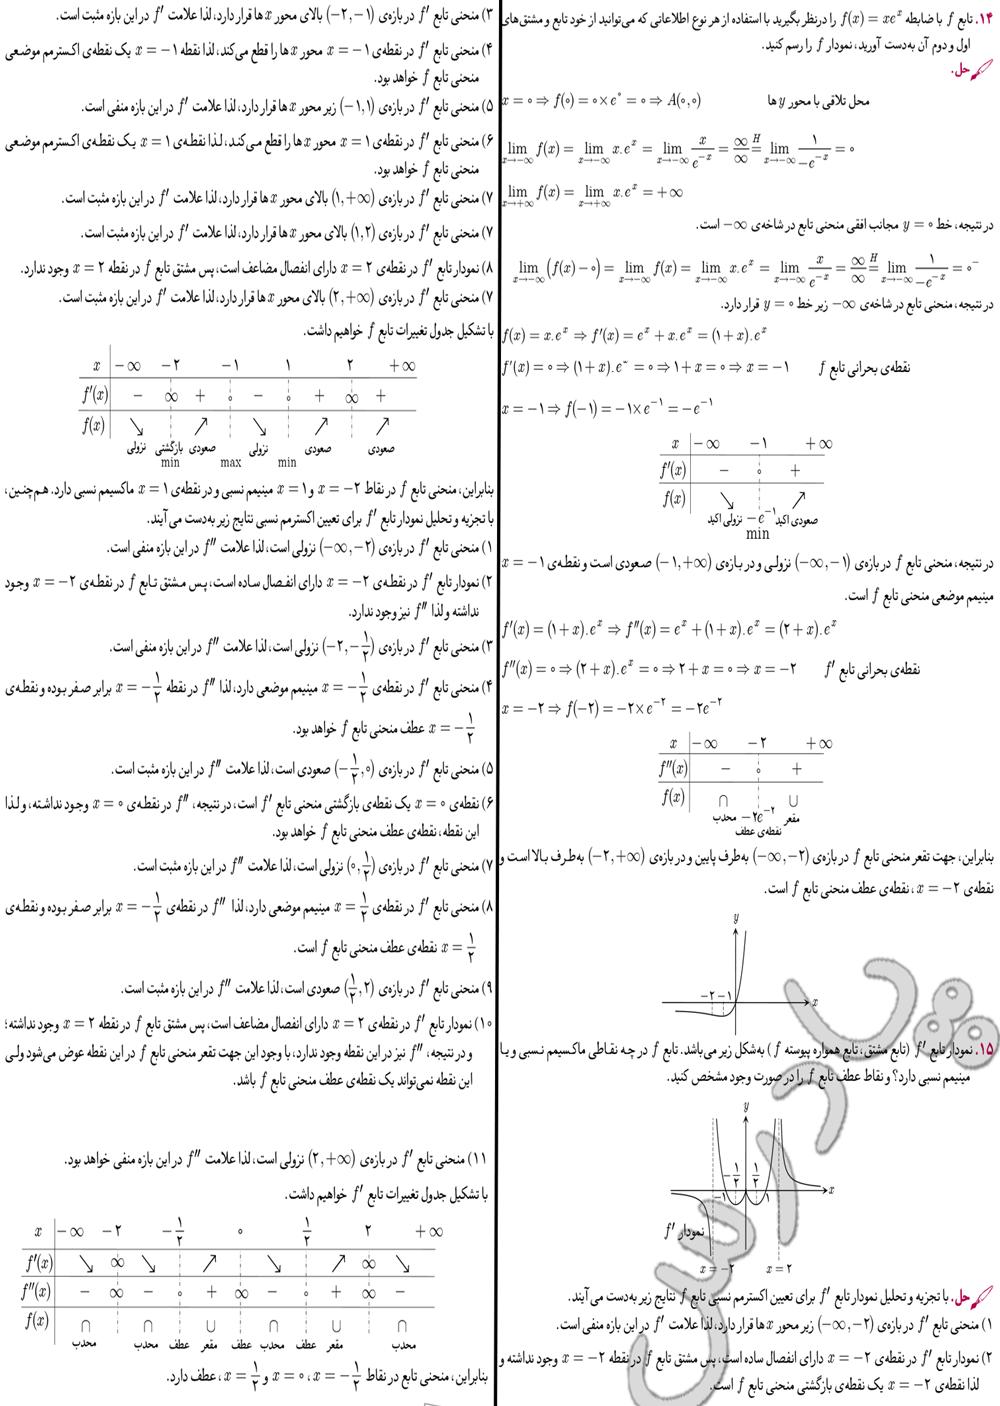 ادامه حل مسائل صفحه 190 دیفرانسیل پیش دانشگاهی